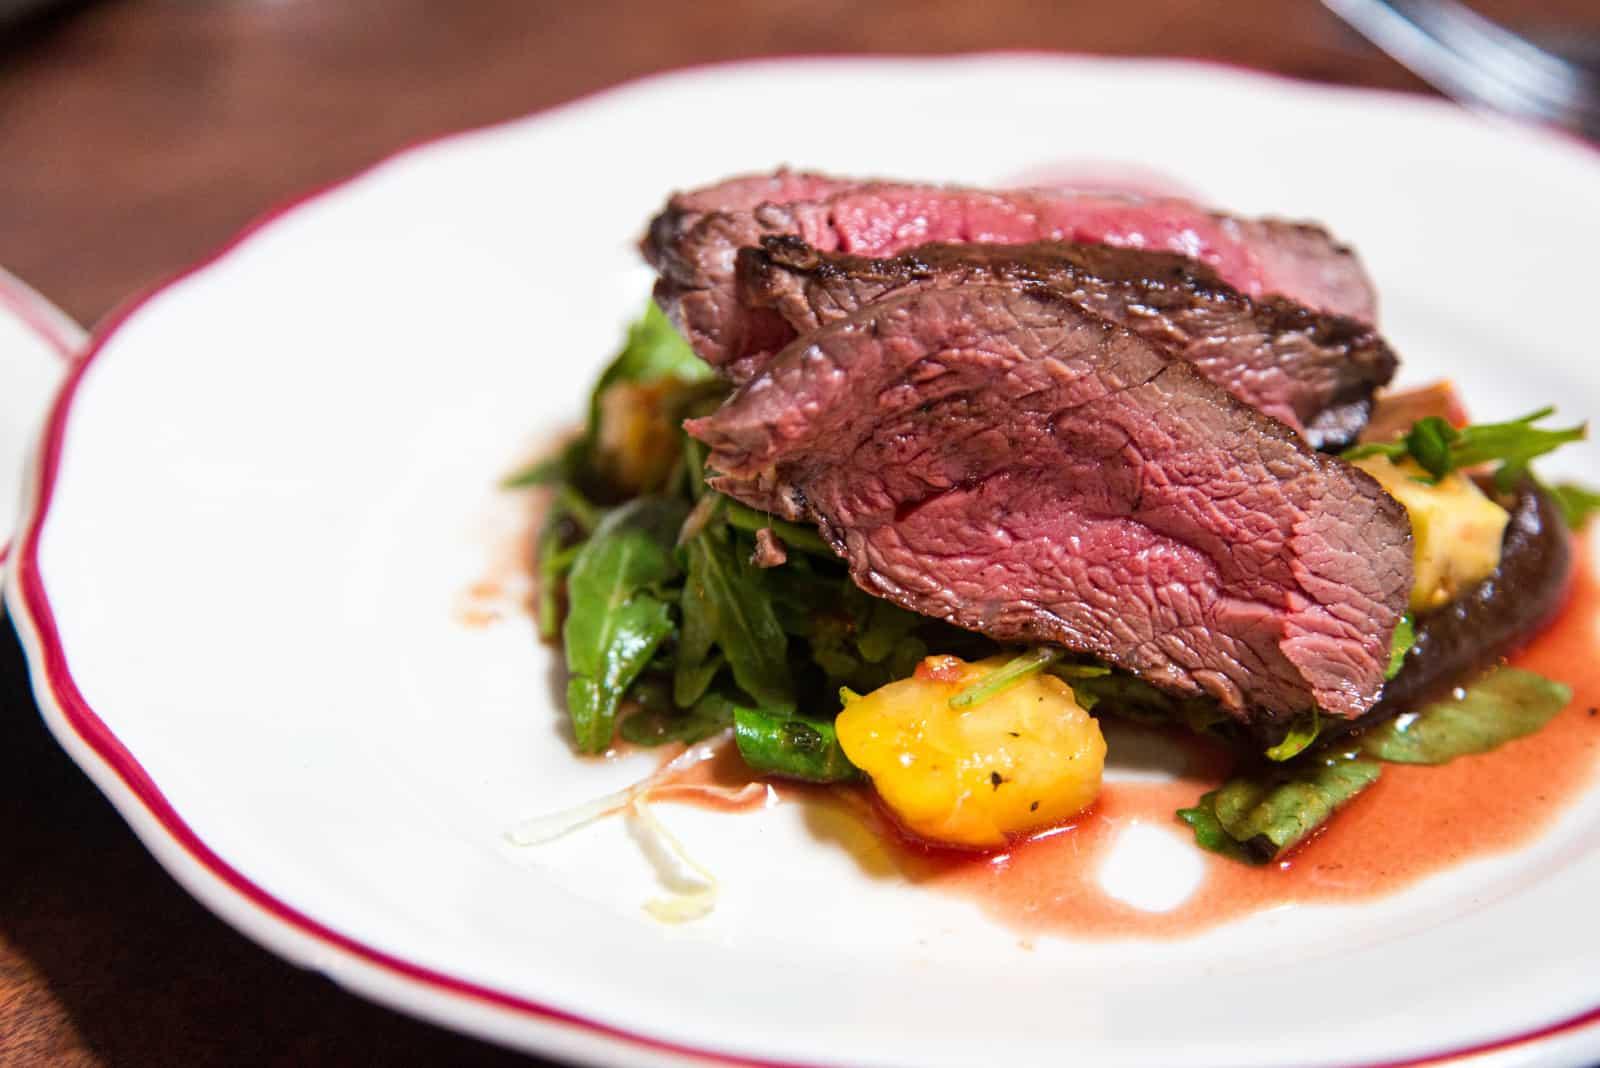 steak grillé dans une assiette sur une table